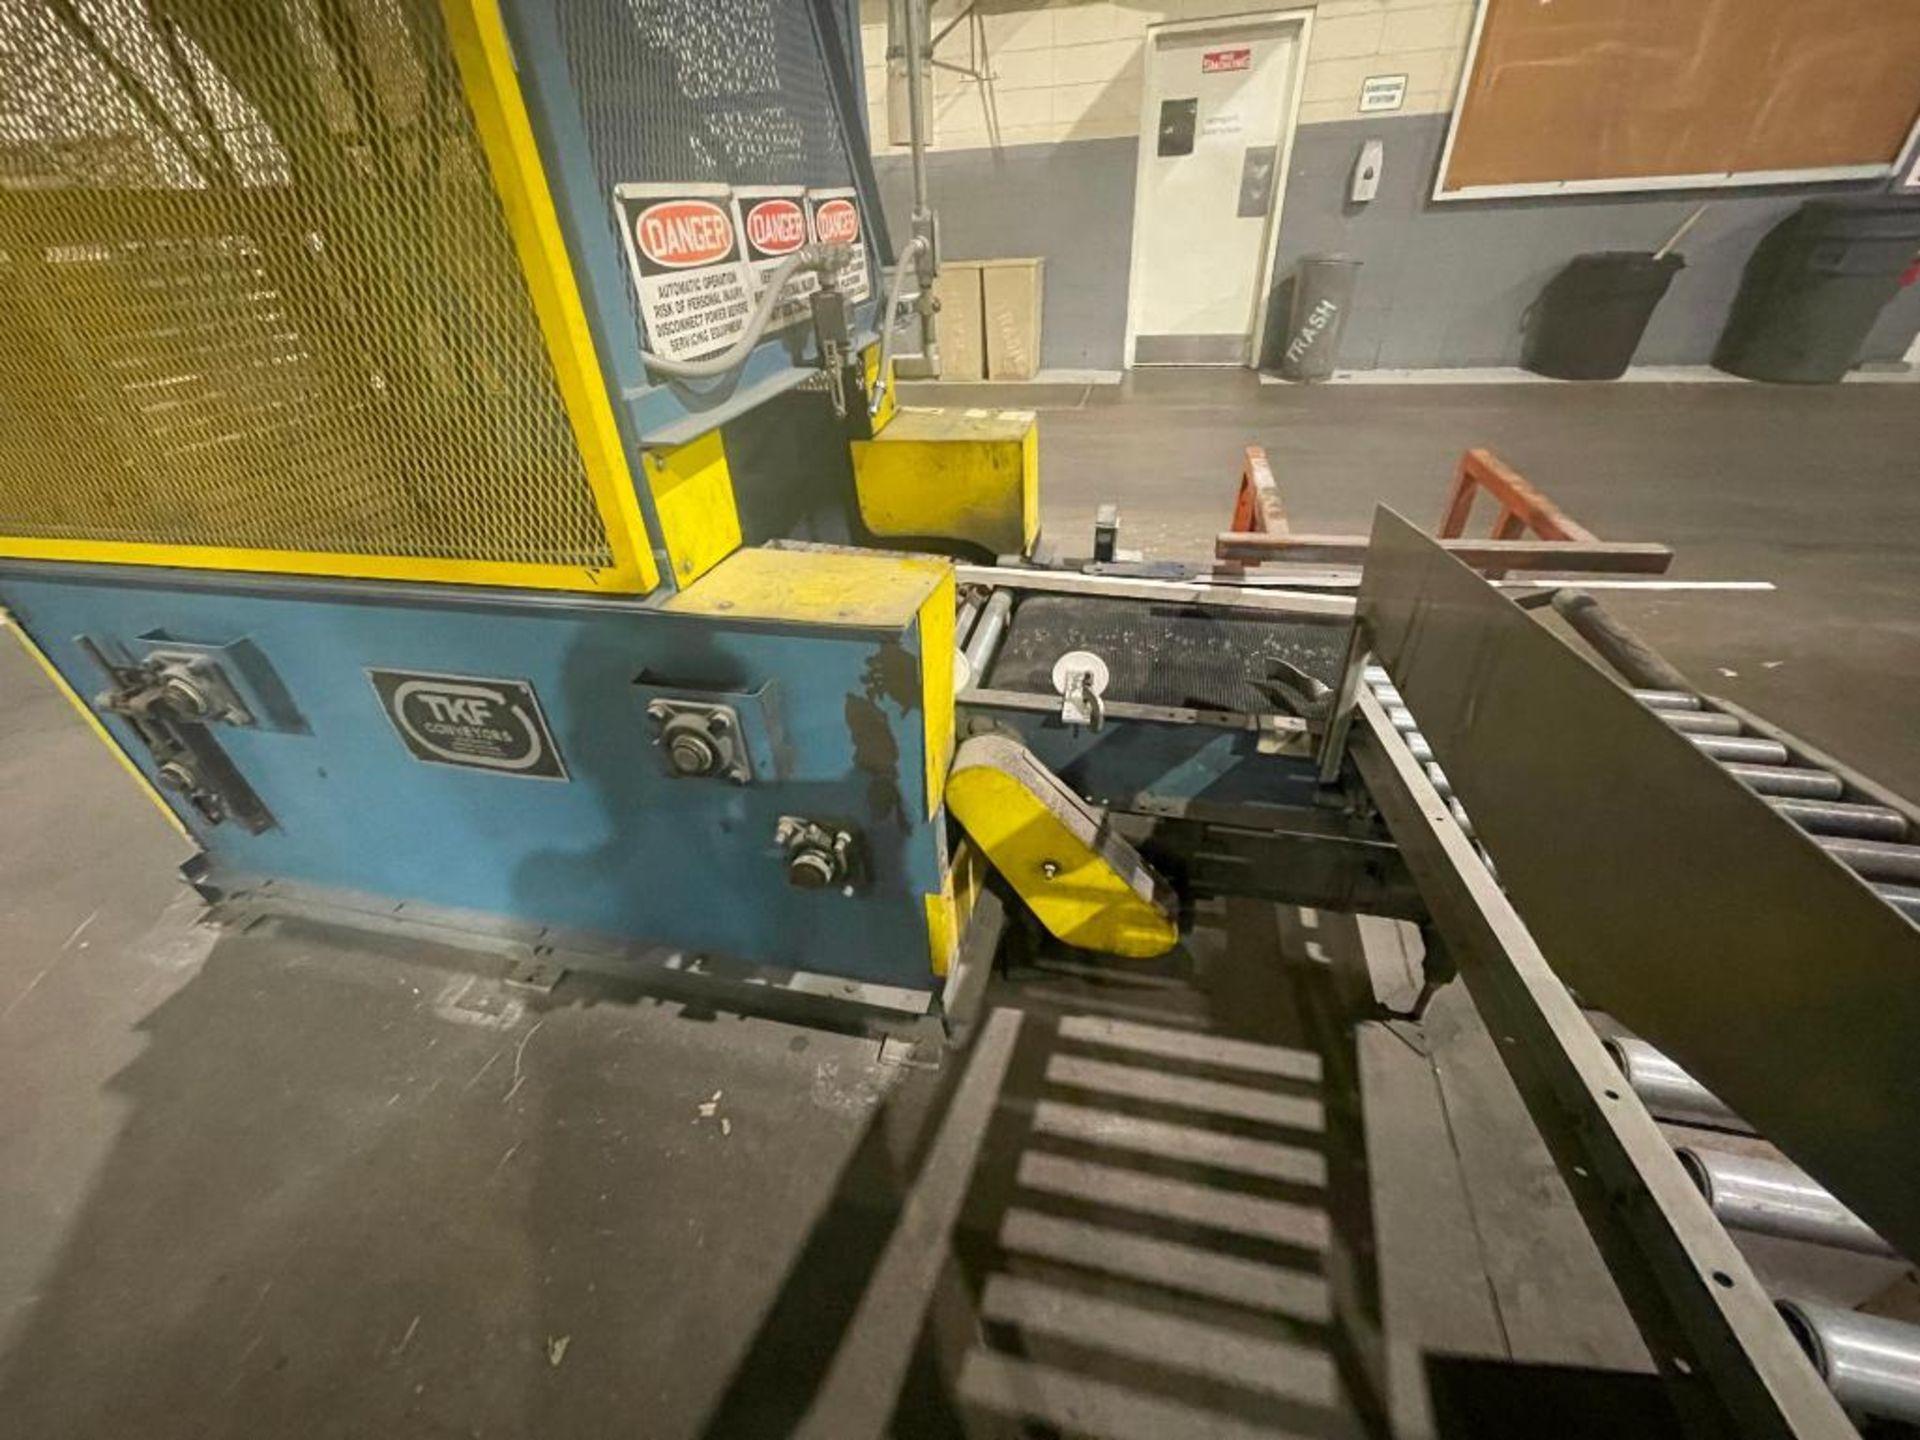 TKF vertical case elevator - Image 13 of 14